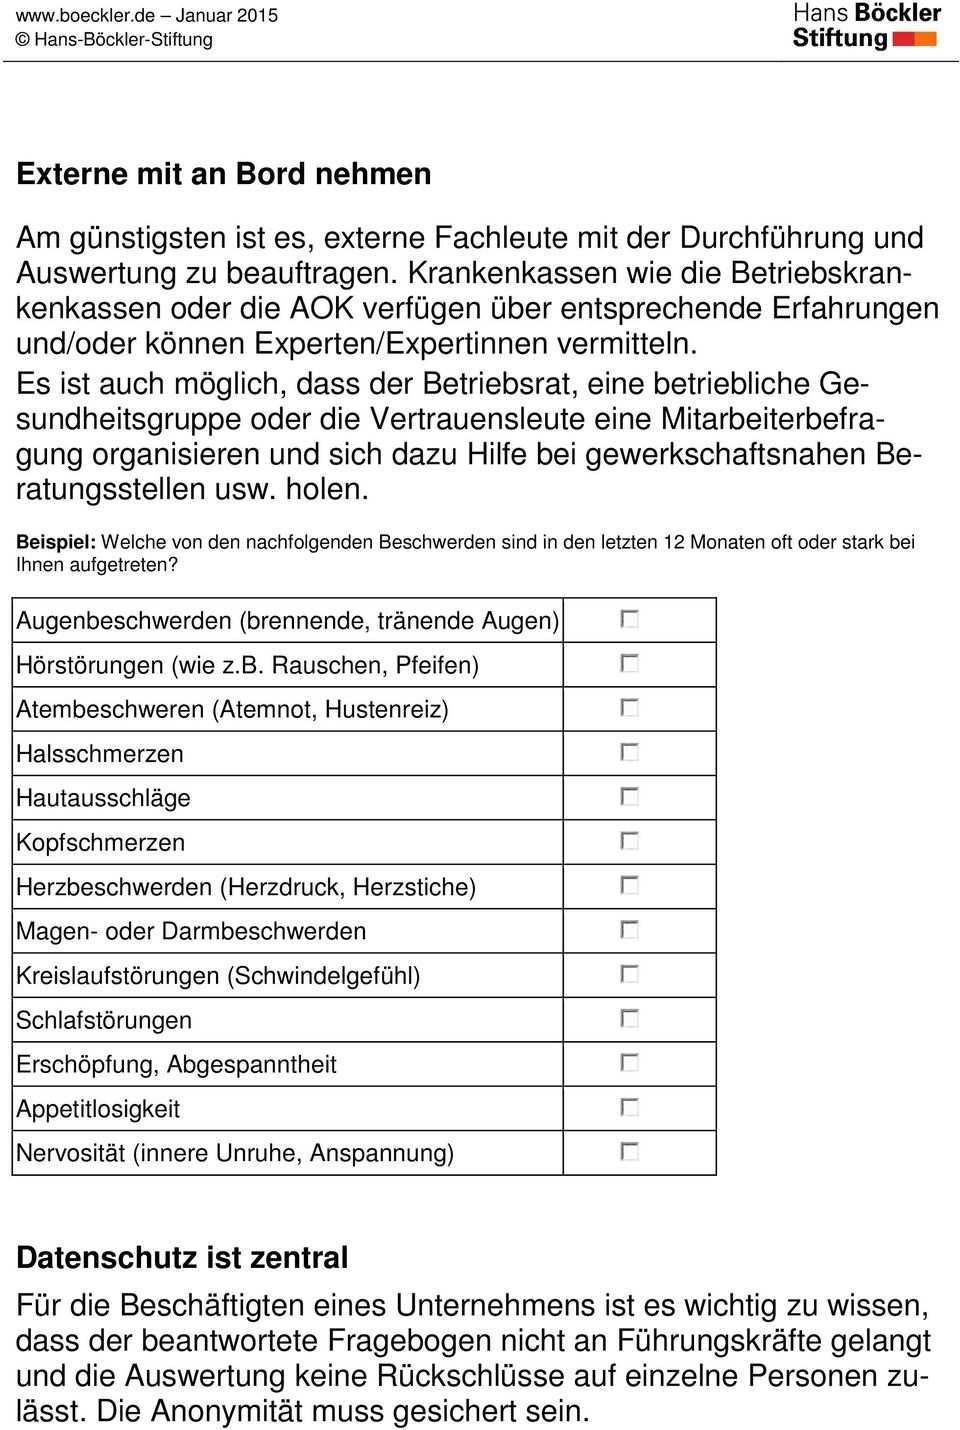 Mitarbeiterbefragungen Zu Arbeitsbelastungen Und Beschwerden Pdf Free Download